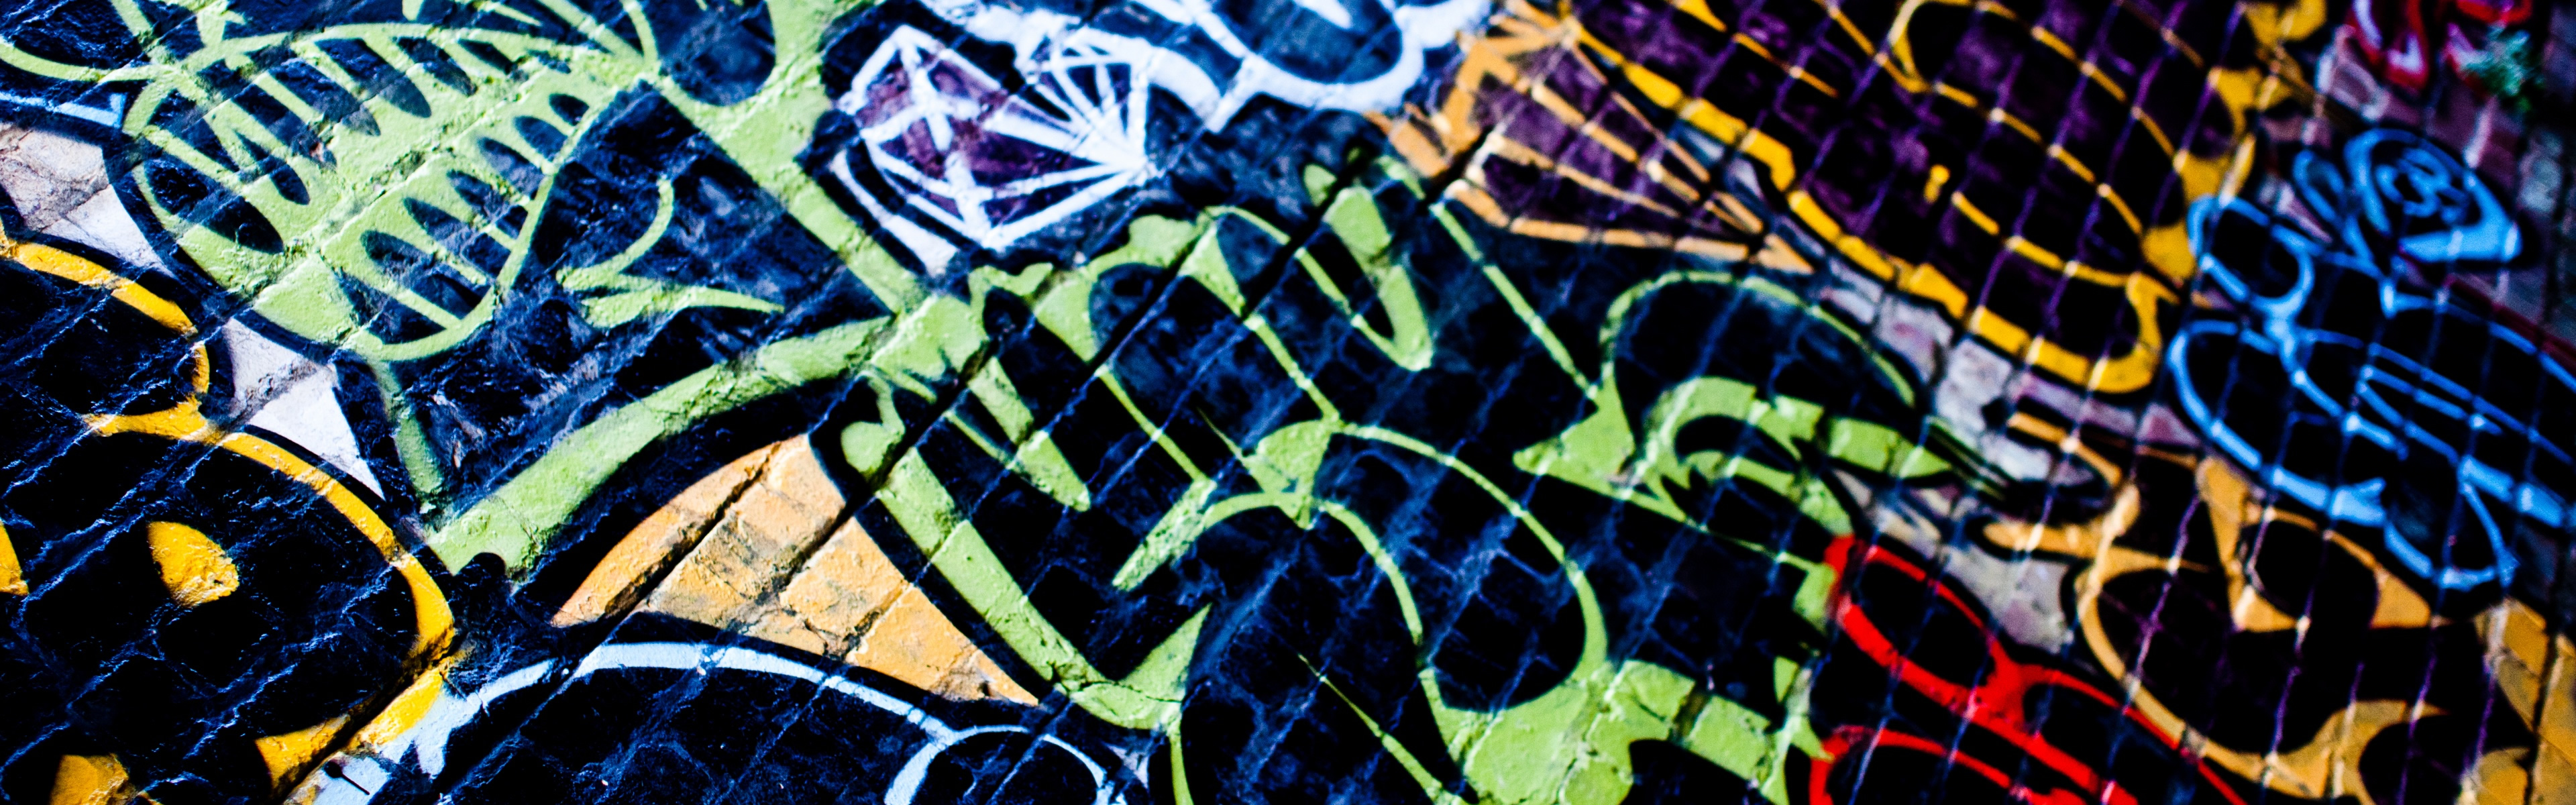 Graffiti art wallpaper iphone - Graffiti Iphone Panoramic Wallpaper Download Ipad Wallpapers